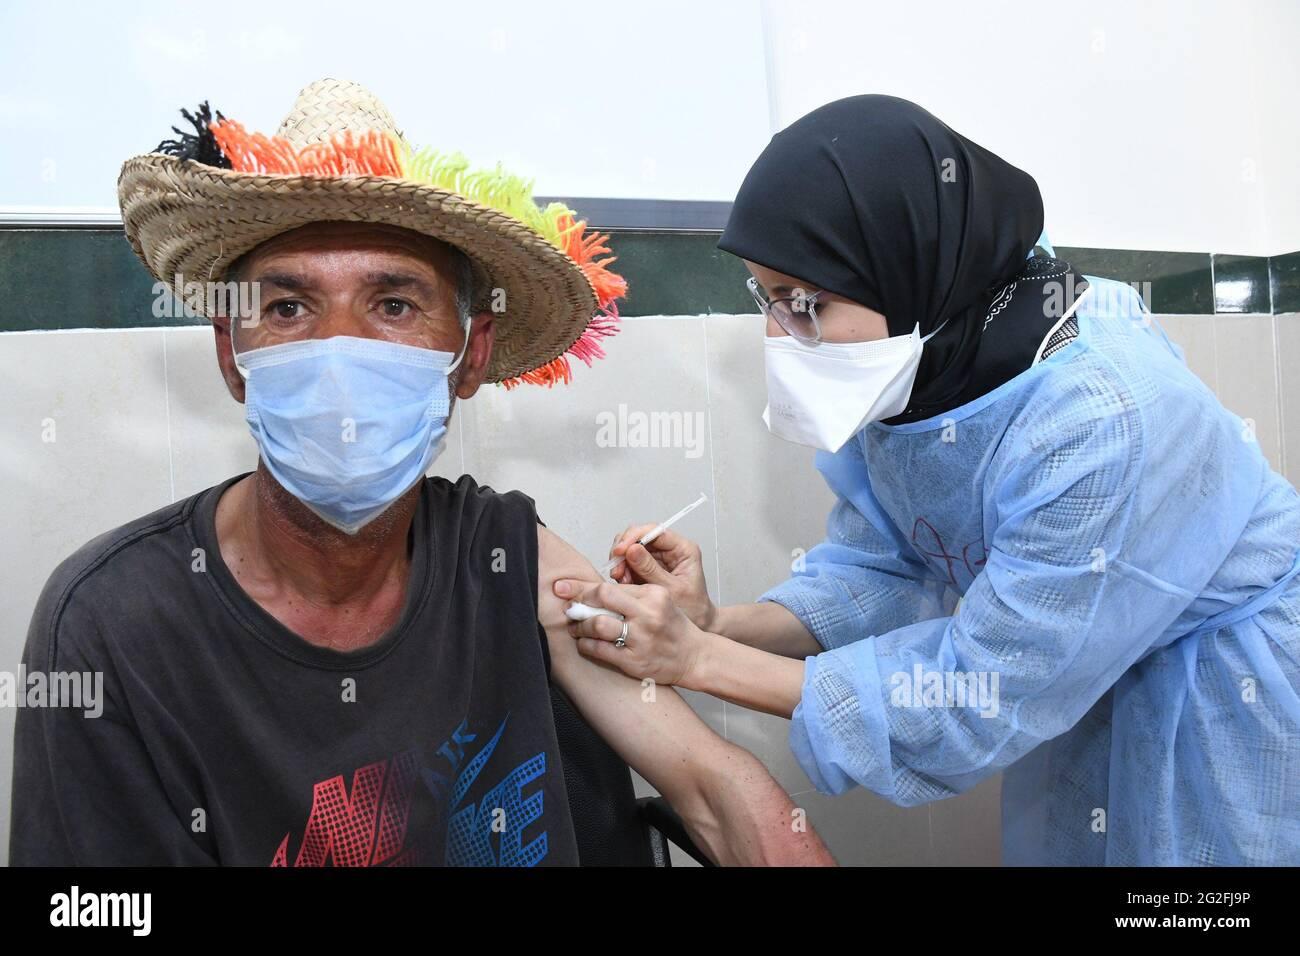 Vente, Maroc. 10 juin 2021. Un travailleur médical administre une dose du vaccin Sinopharm COVID-19 en Chine à sale, au Maroc, le 10 juin 2021. Credit: Chadi/Xinhua/Alay Live News Banque D'Images